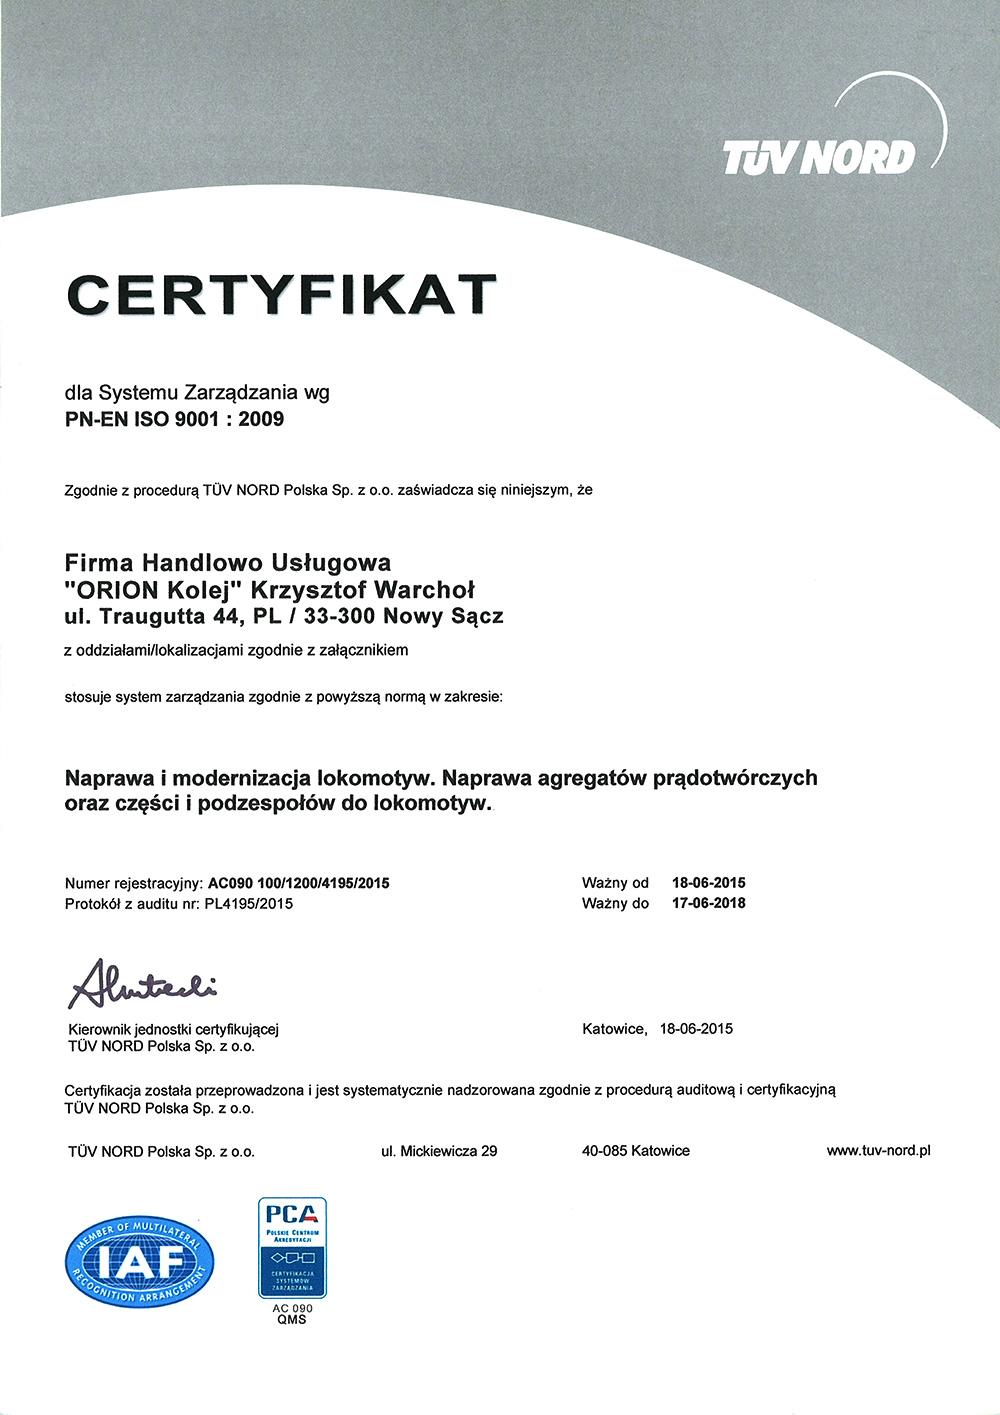 Certyfikat Jakości Orion Kolej